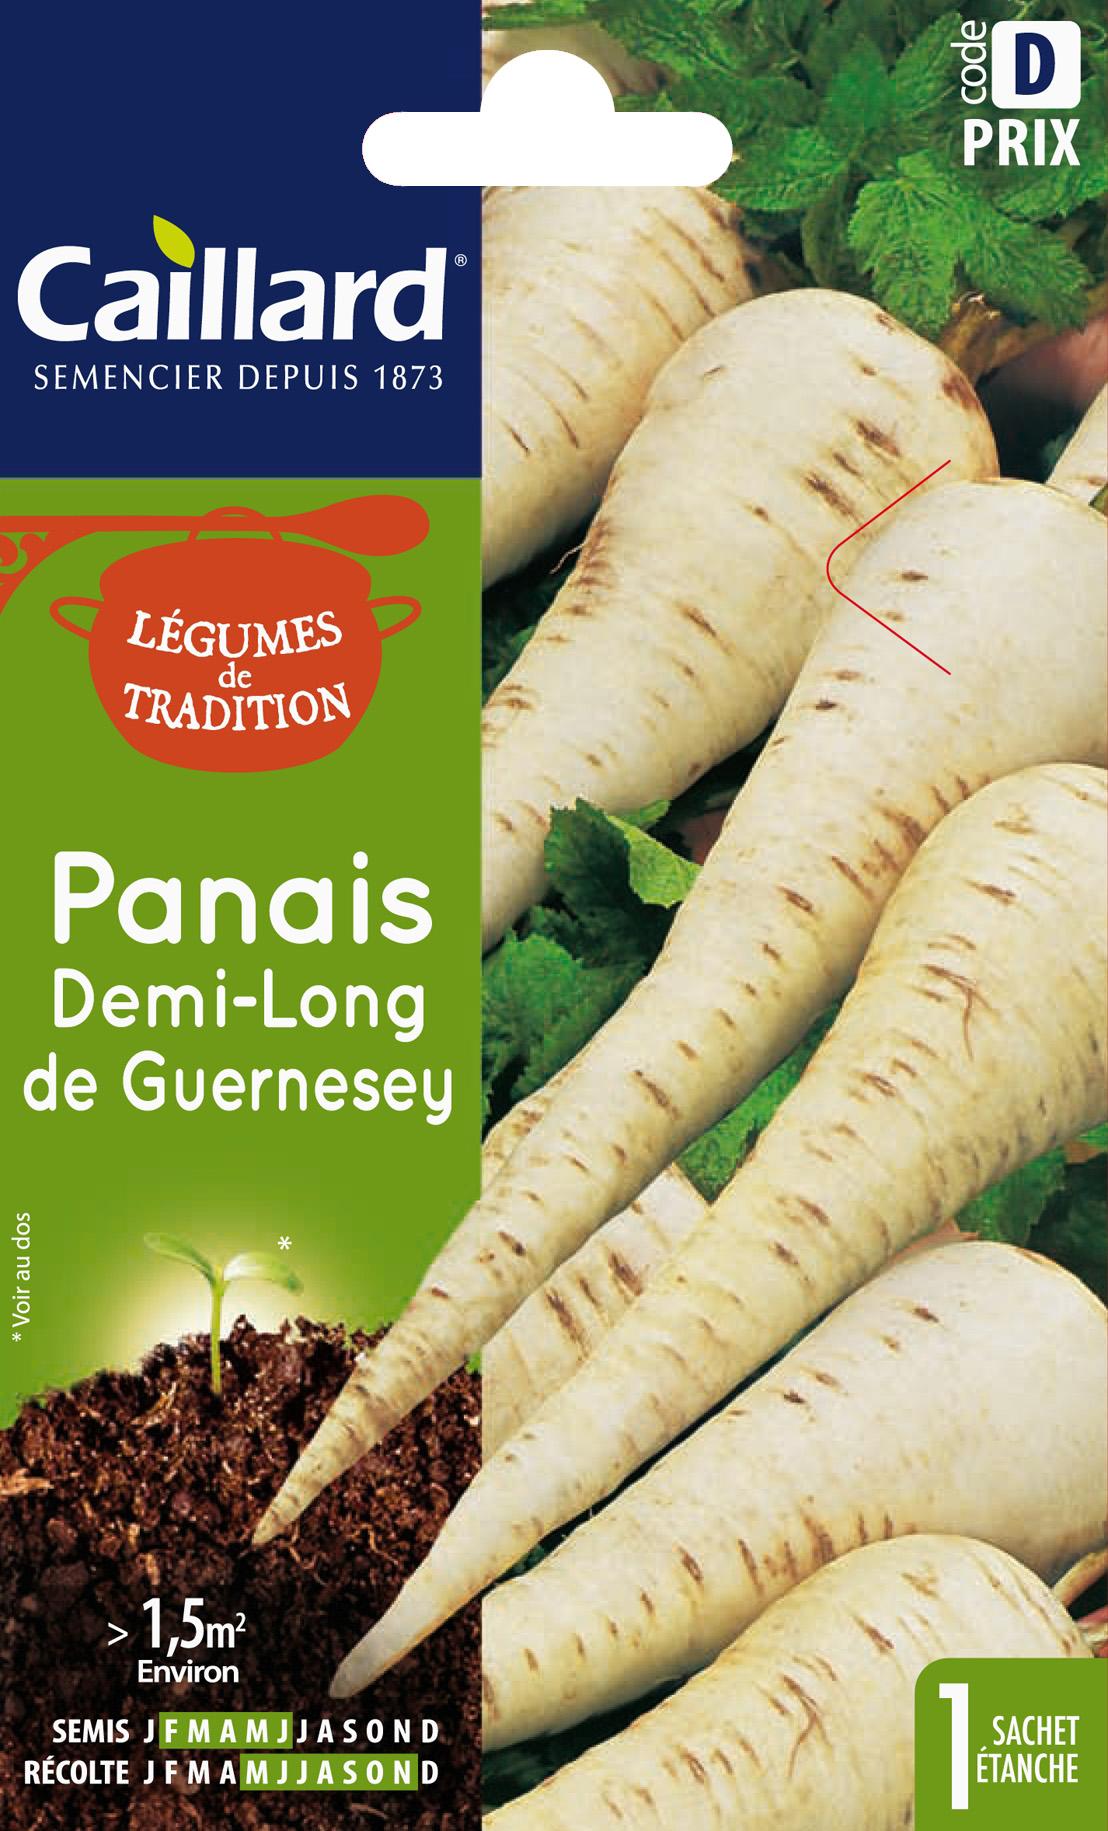 Légumes de tradition : graines de panais demi-long de Guernesey, Caillard